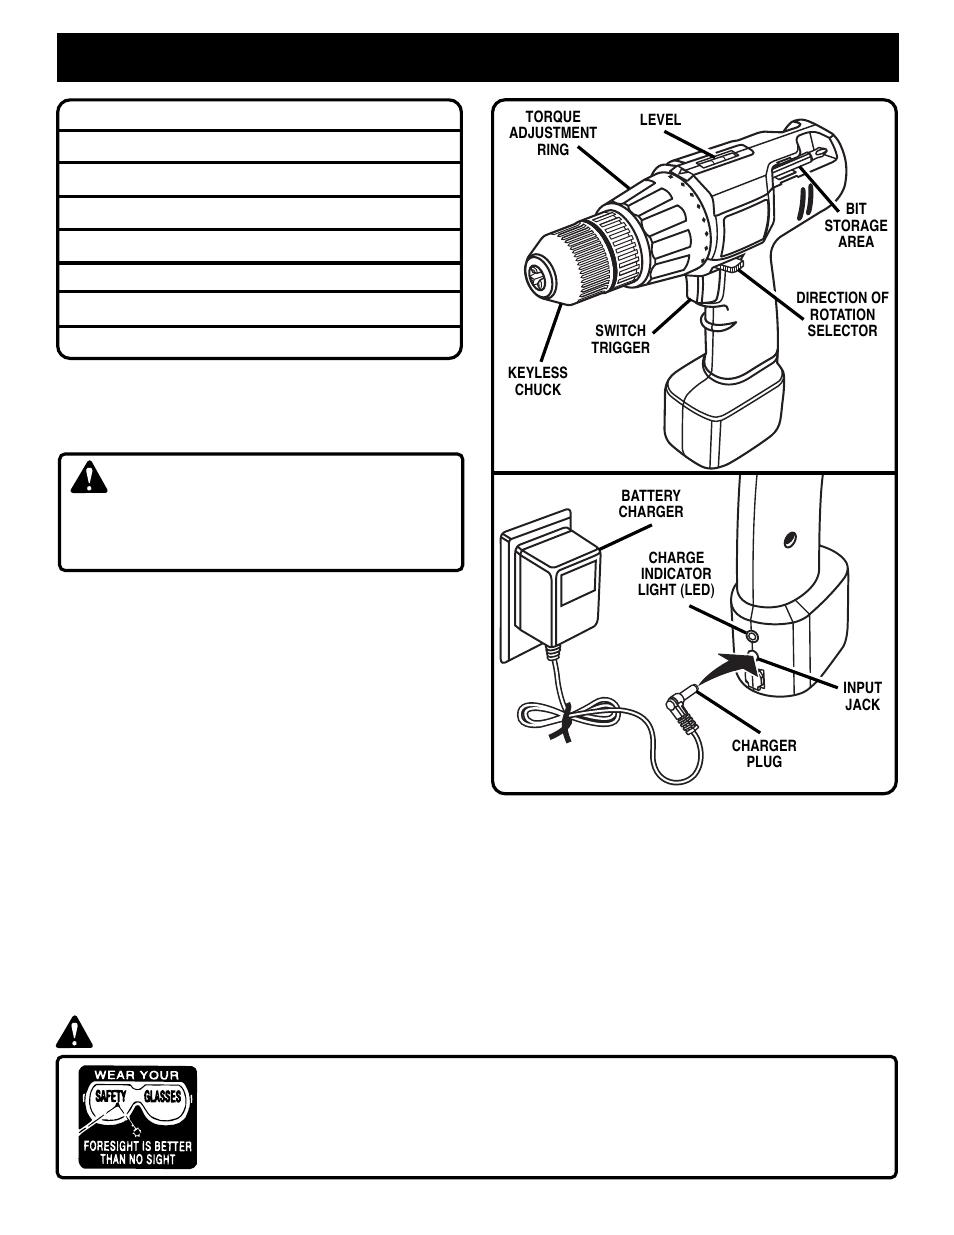 Ryobi ryi2200 user manual | 1 page.